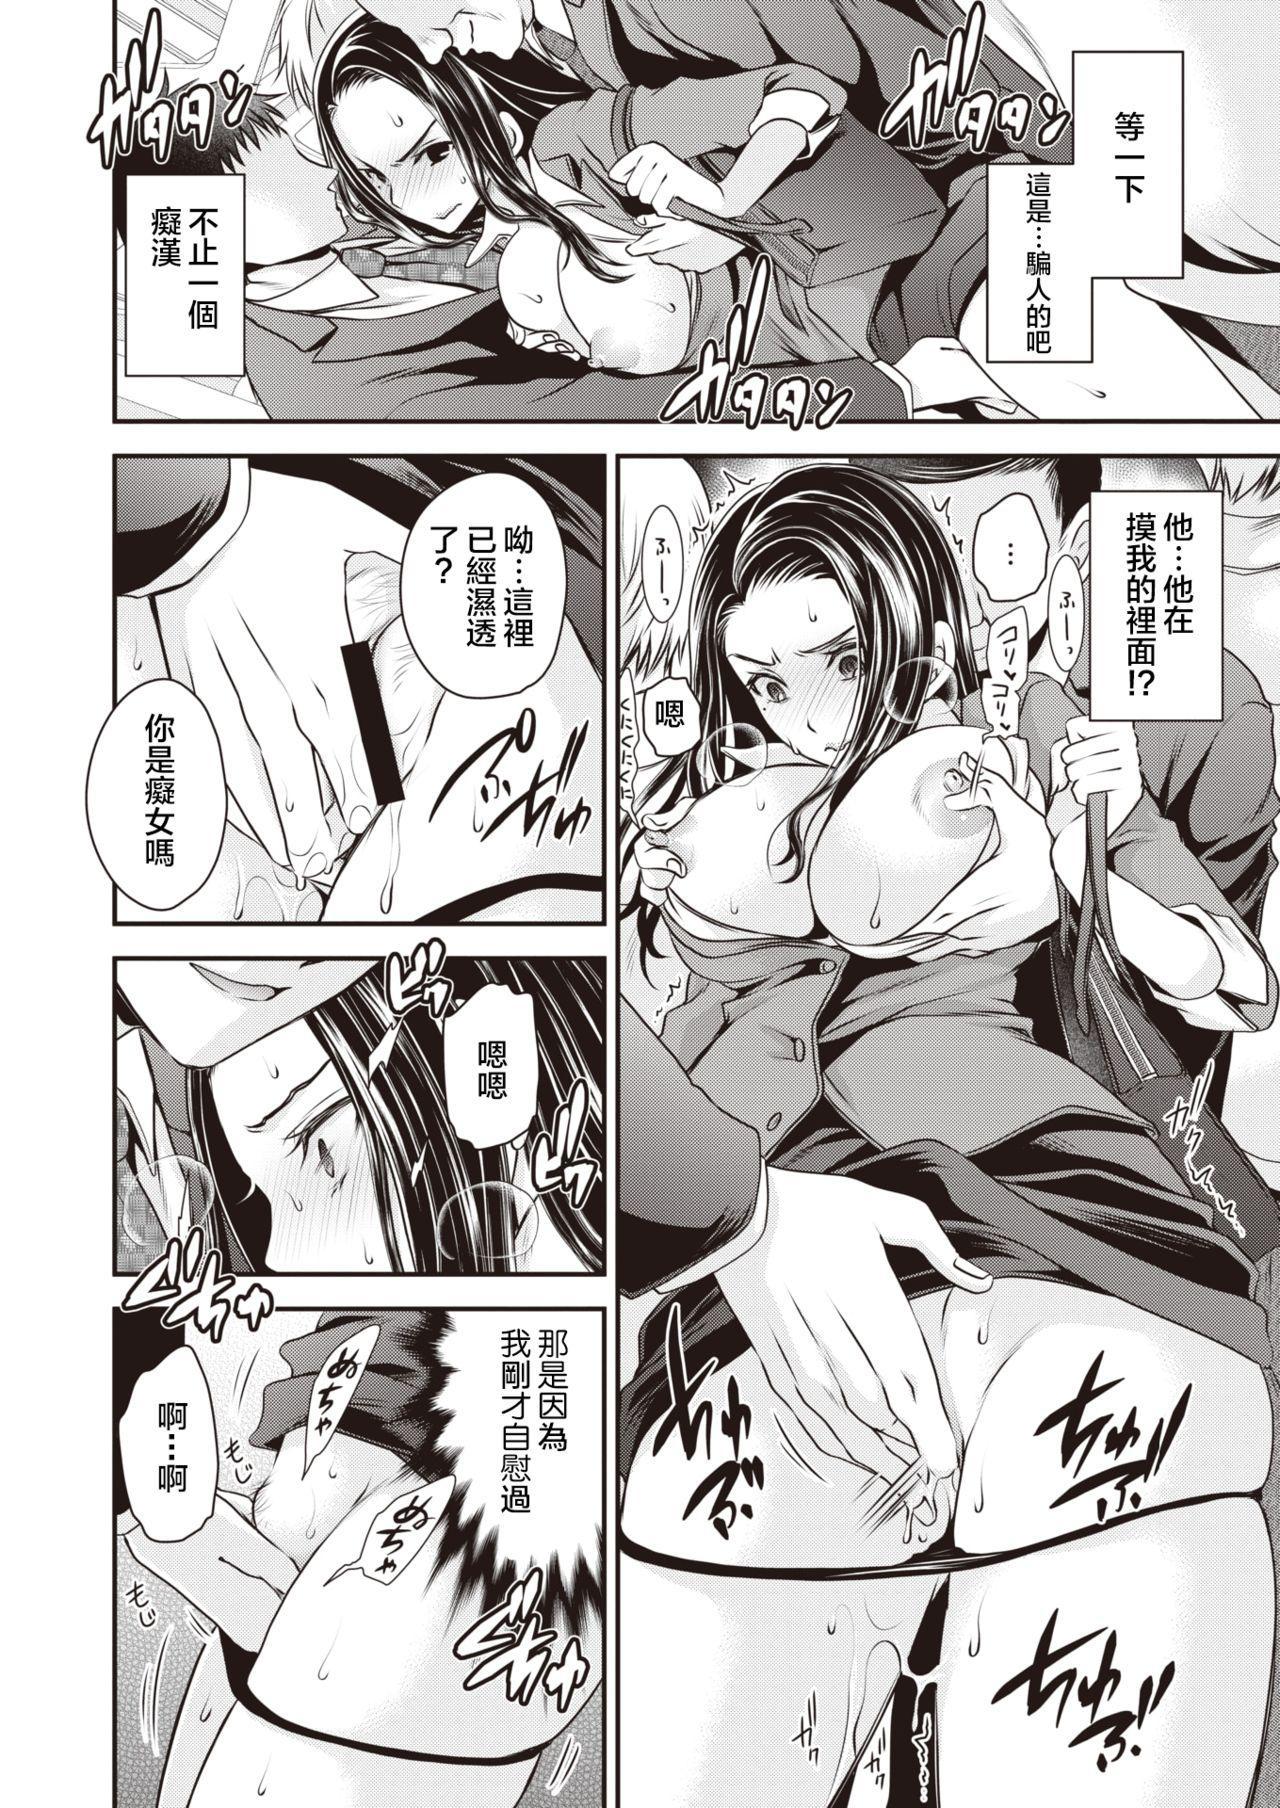 Mukatsuku Onna Joushi no Karada o Nottotte Mita! 5